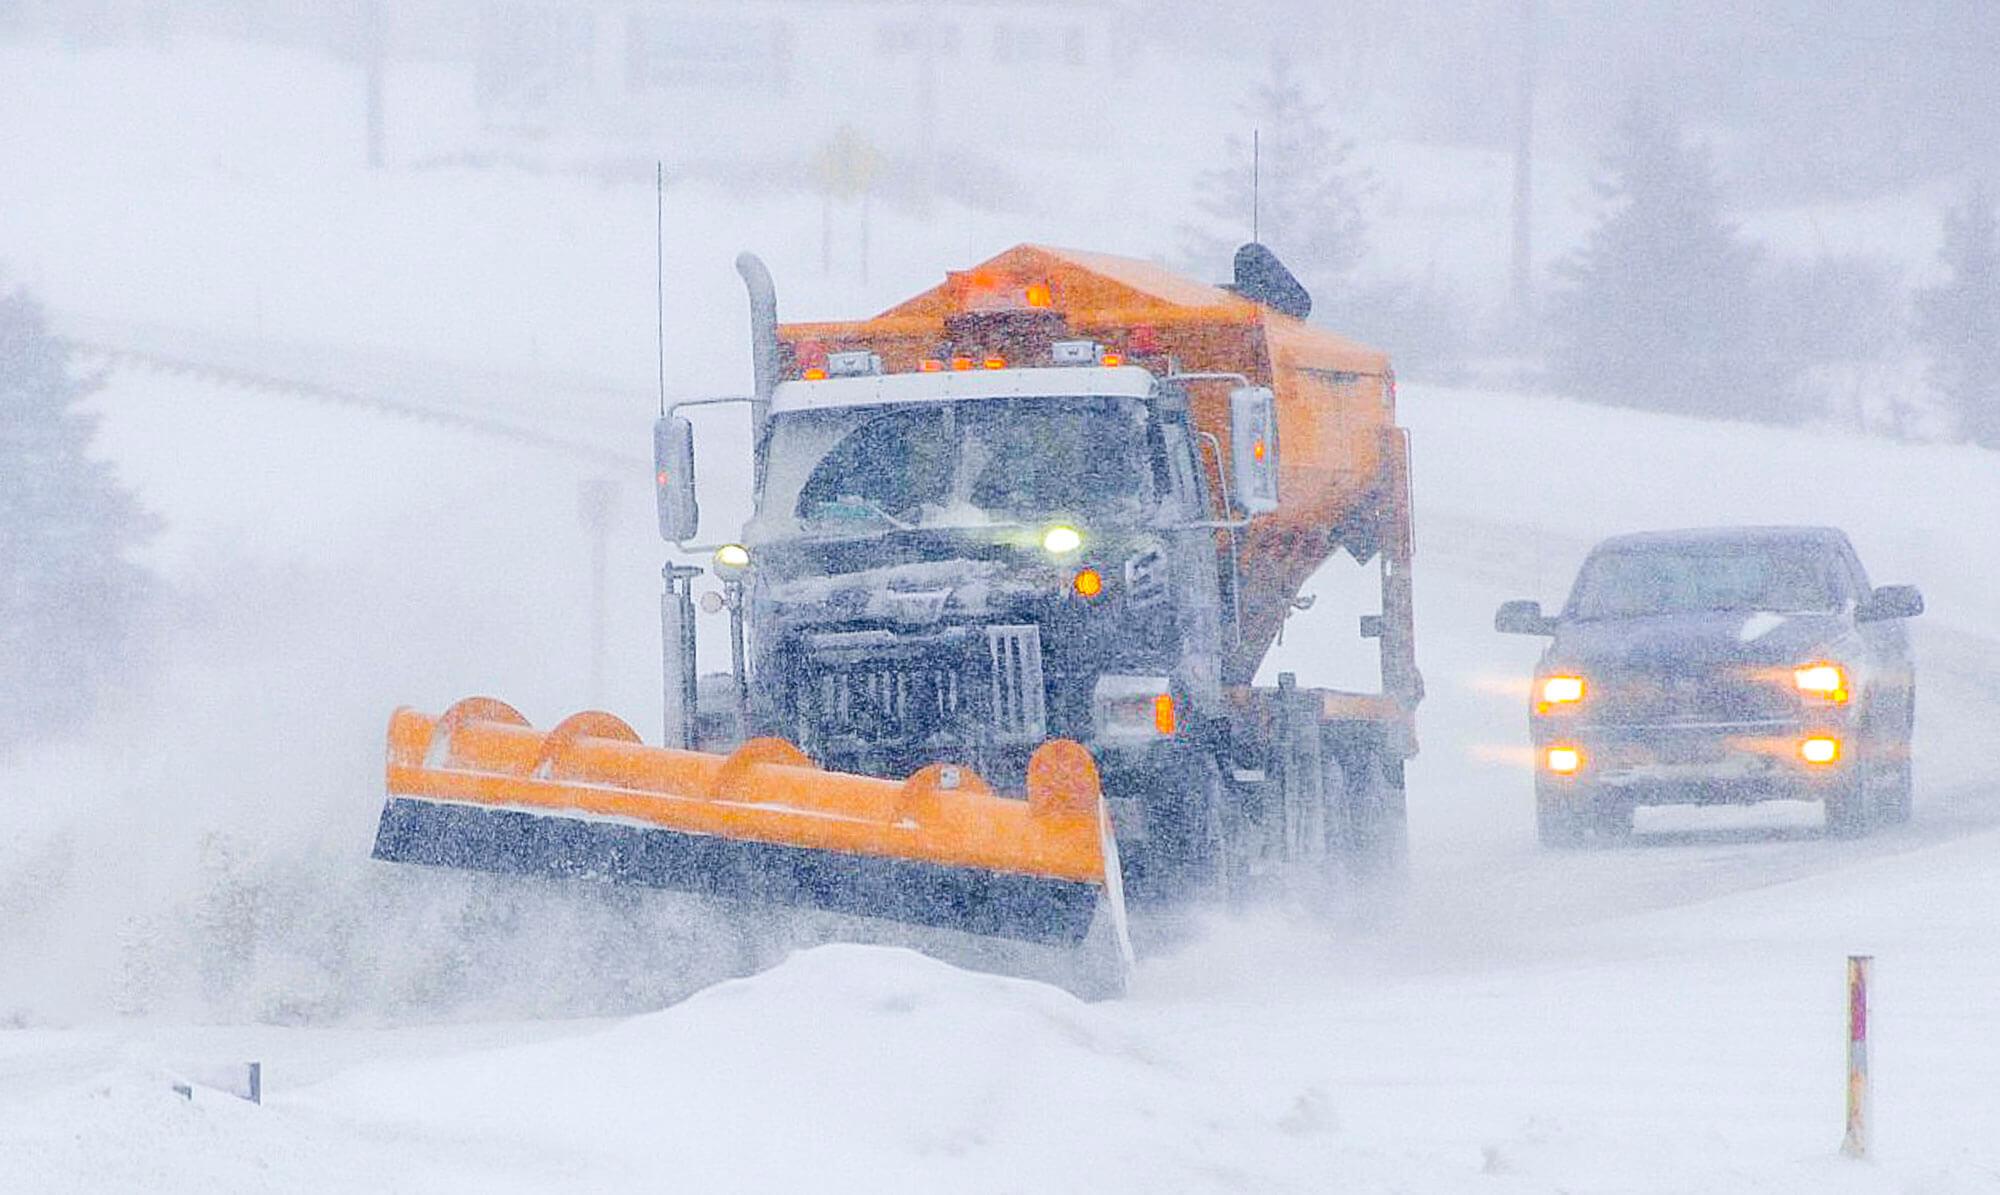 Tempête blizzard poudrerie neige déneigeuse voiture visibilité